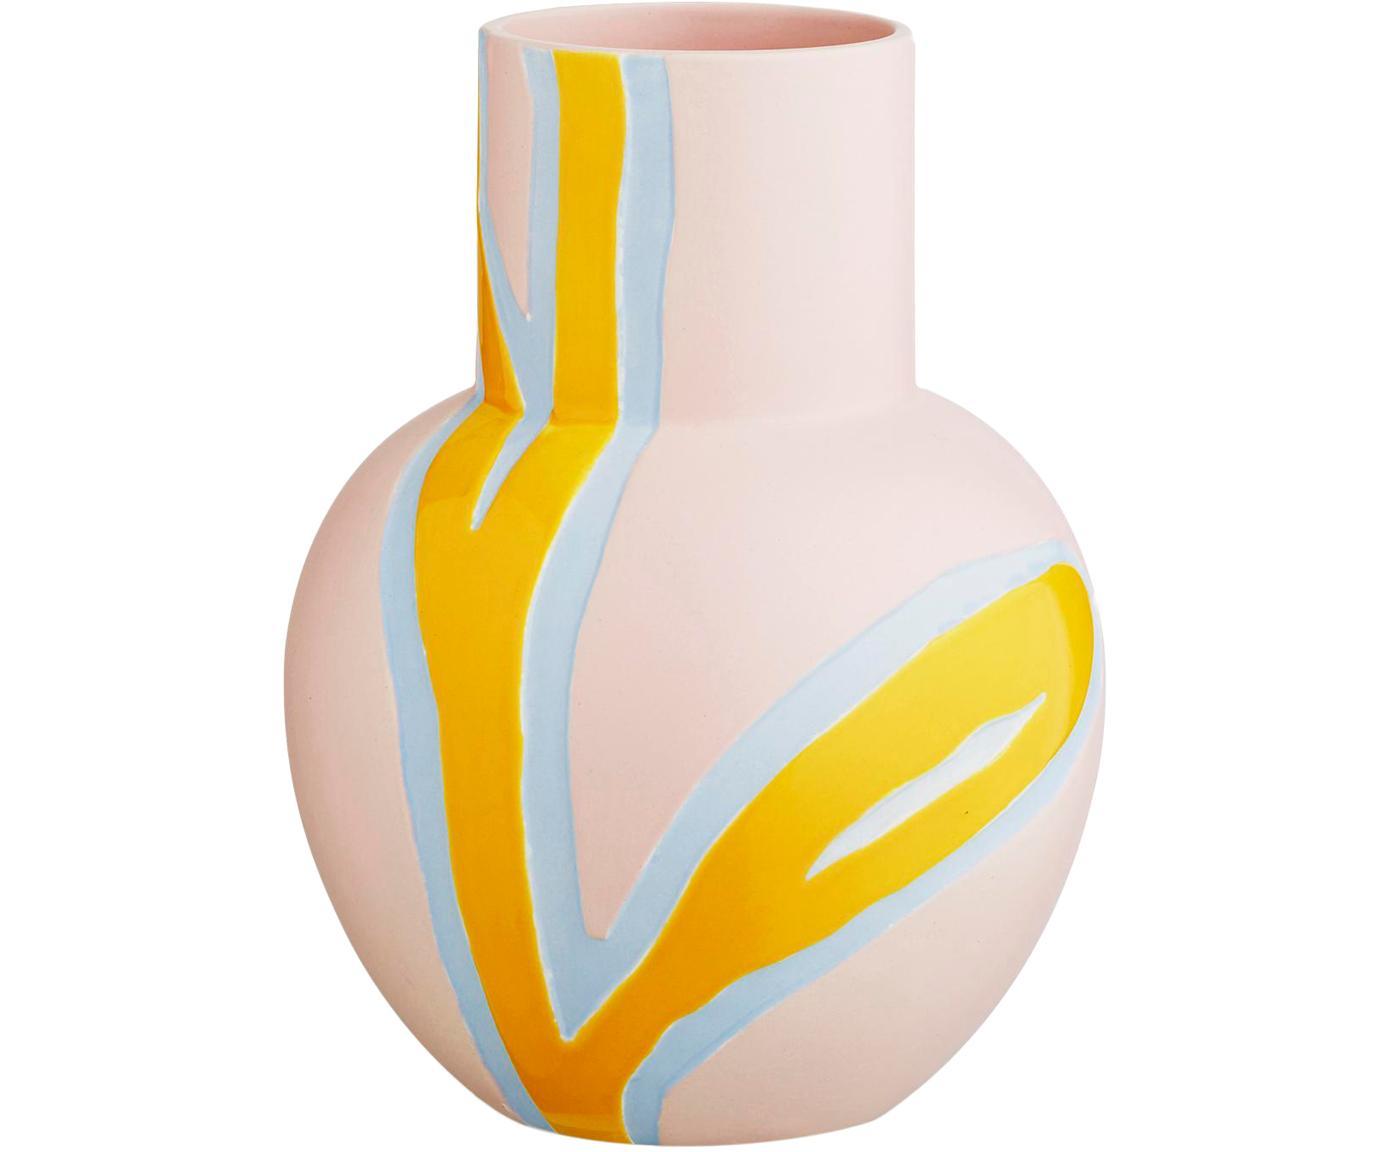 Handgemaakte design vaas Fiora, Porselein, Roze, geel, lichtblauw, 19 x 25 cm